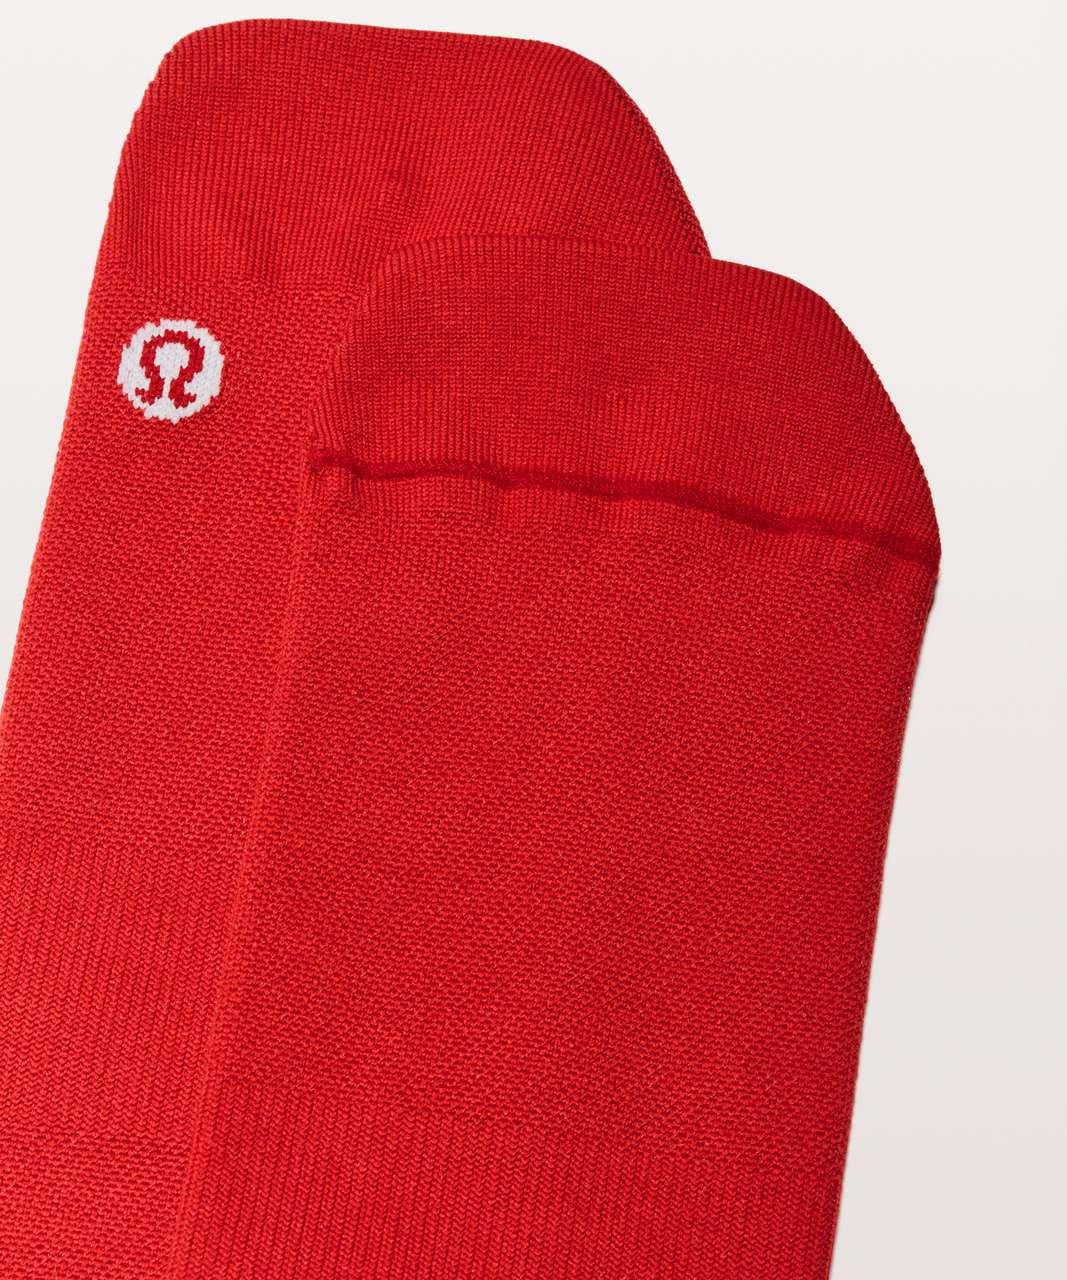 Lululemon Surge Sock *Silver - Bold Red / Violet Red